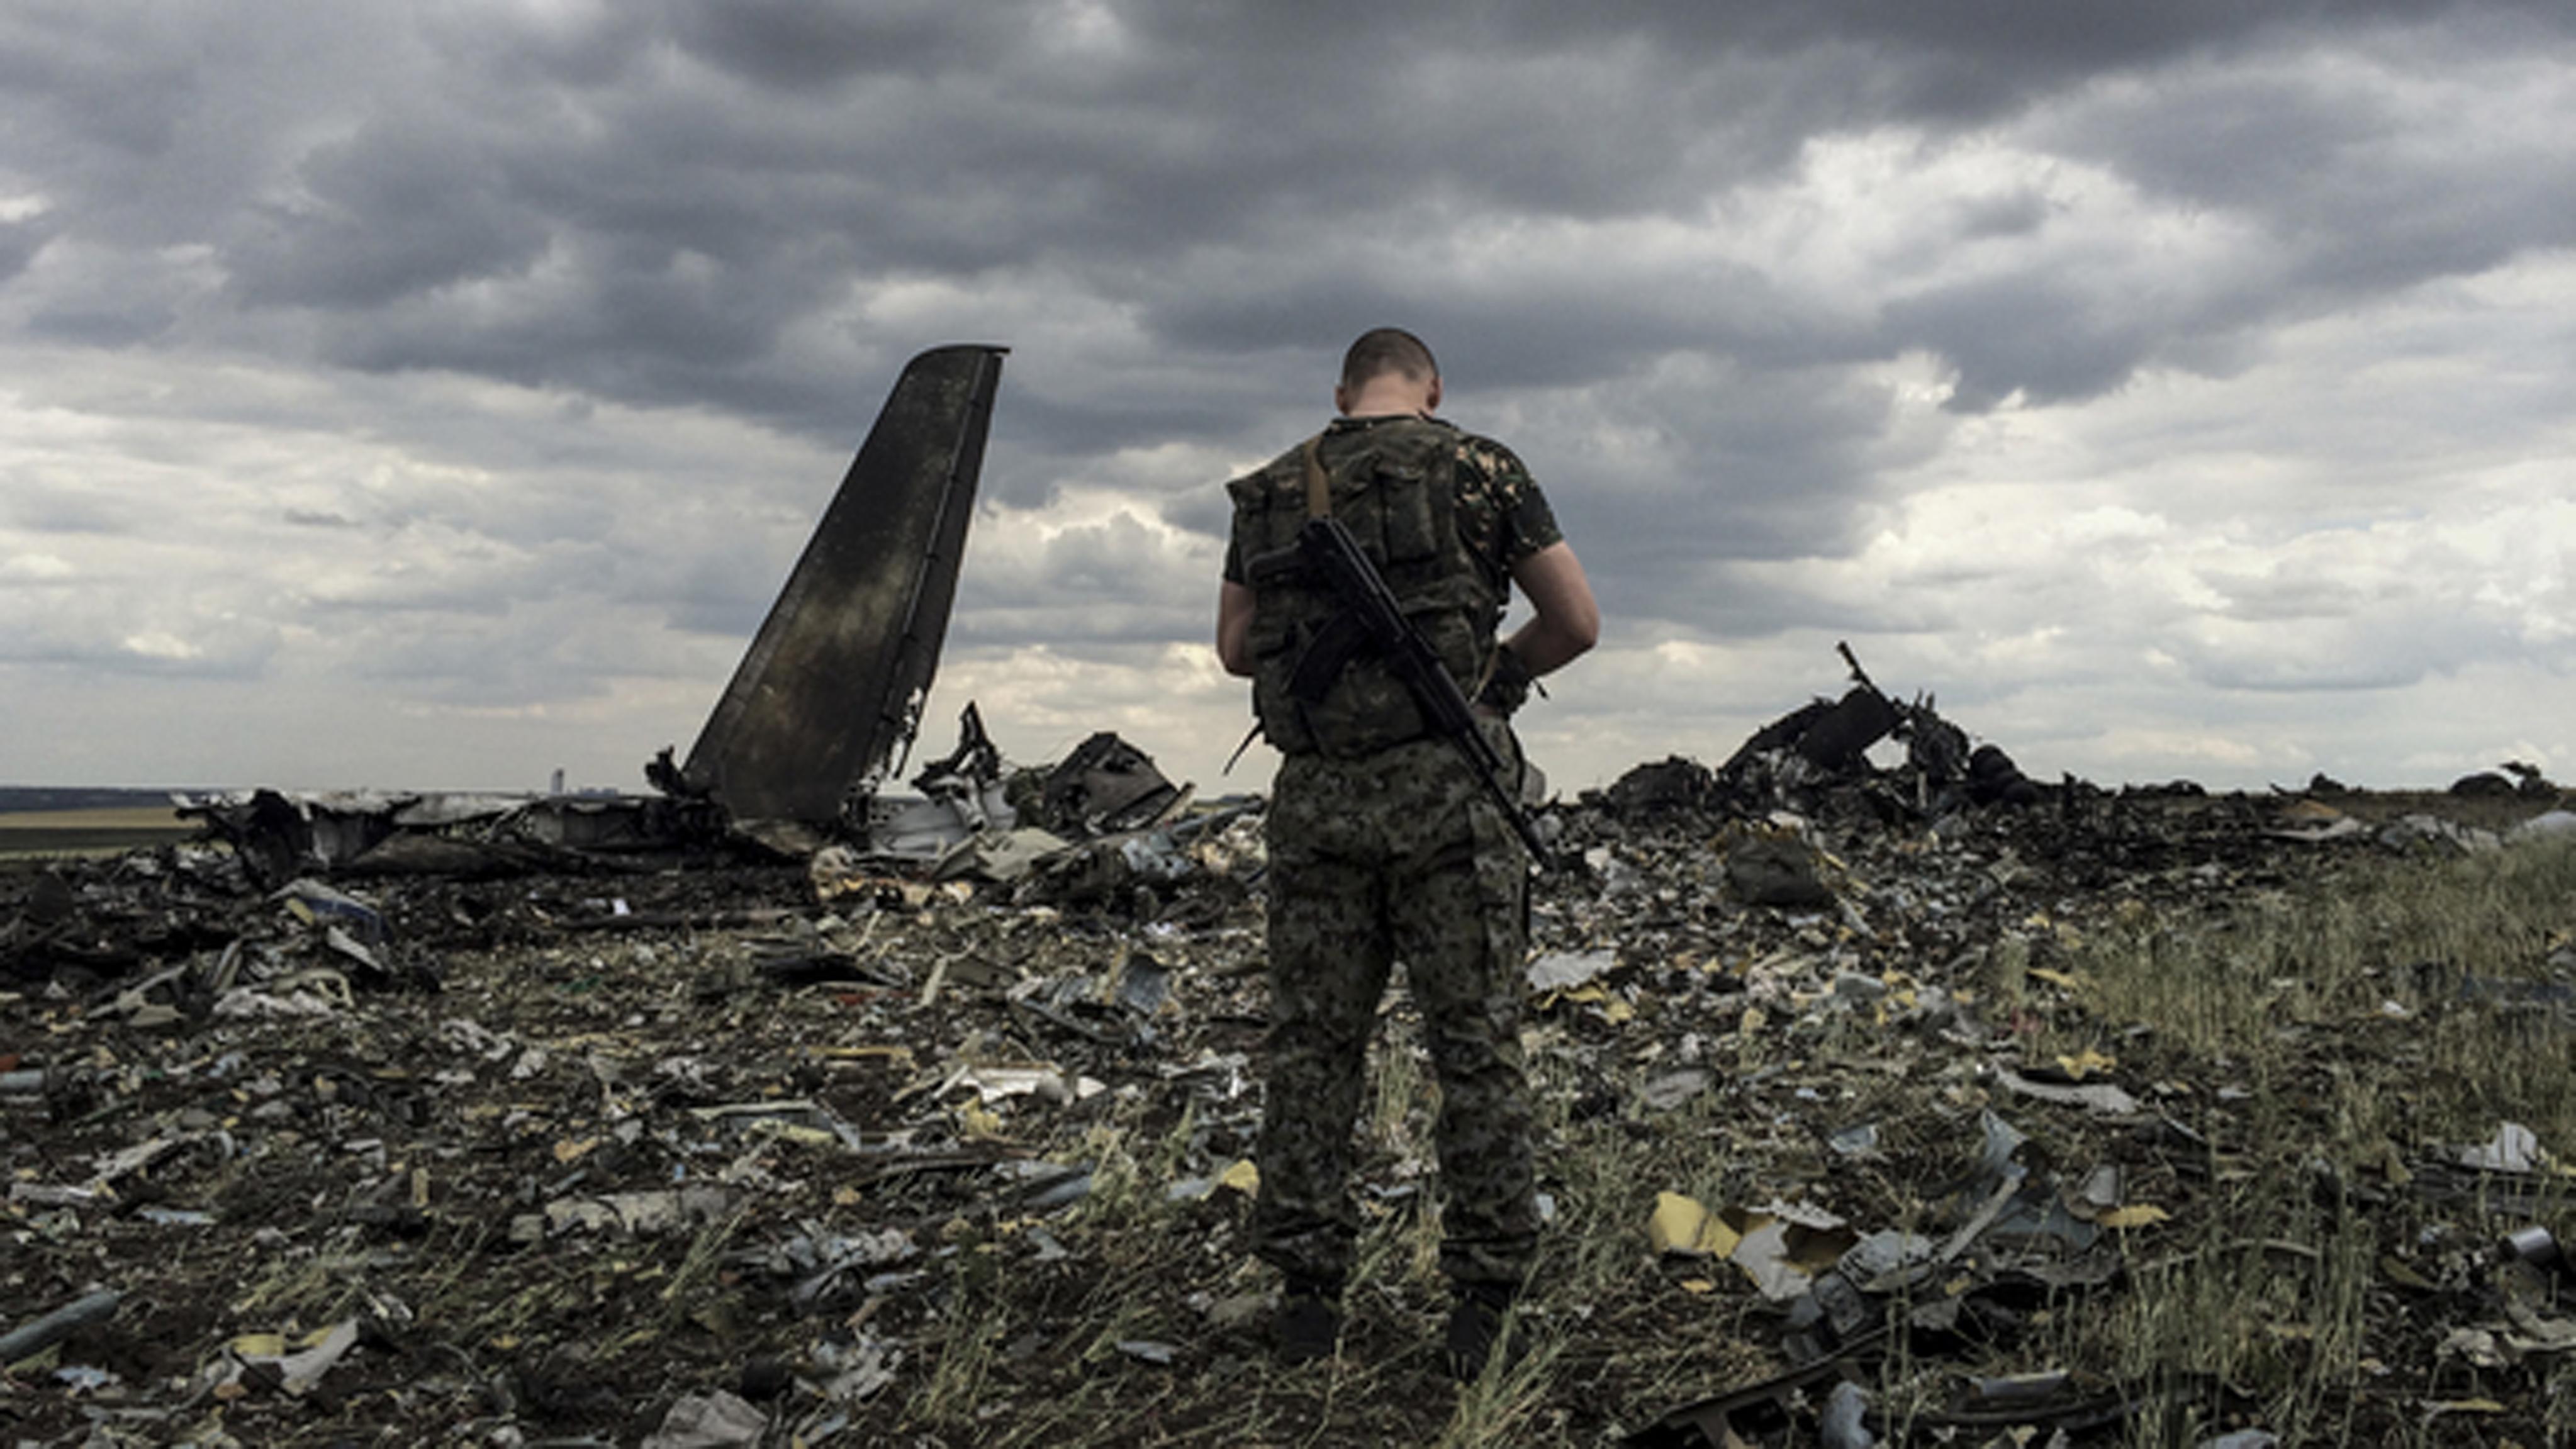 Международное следствие установило принадлежность предположительно сбившего Boeing ЗРК «Бук»